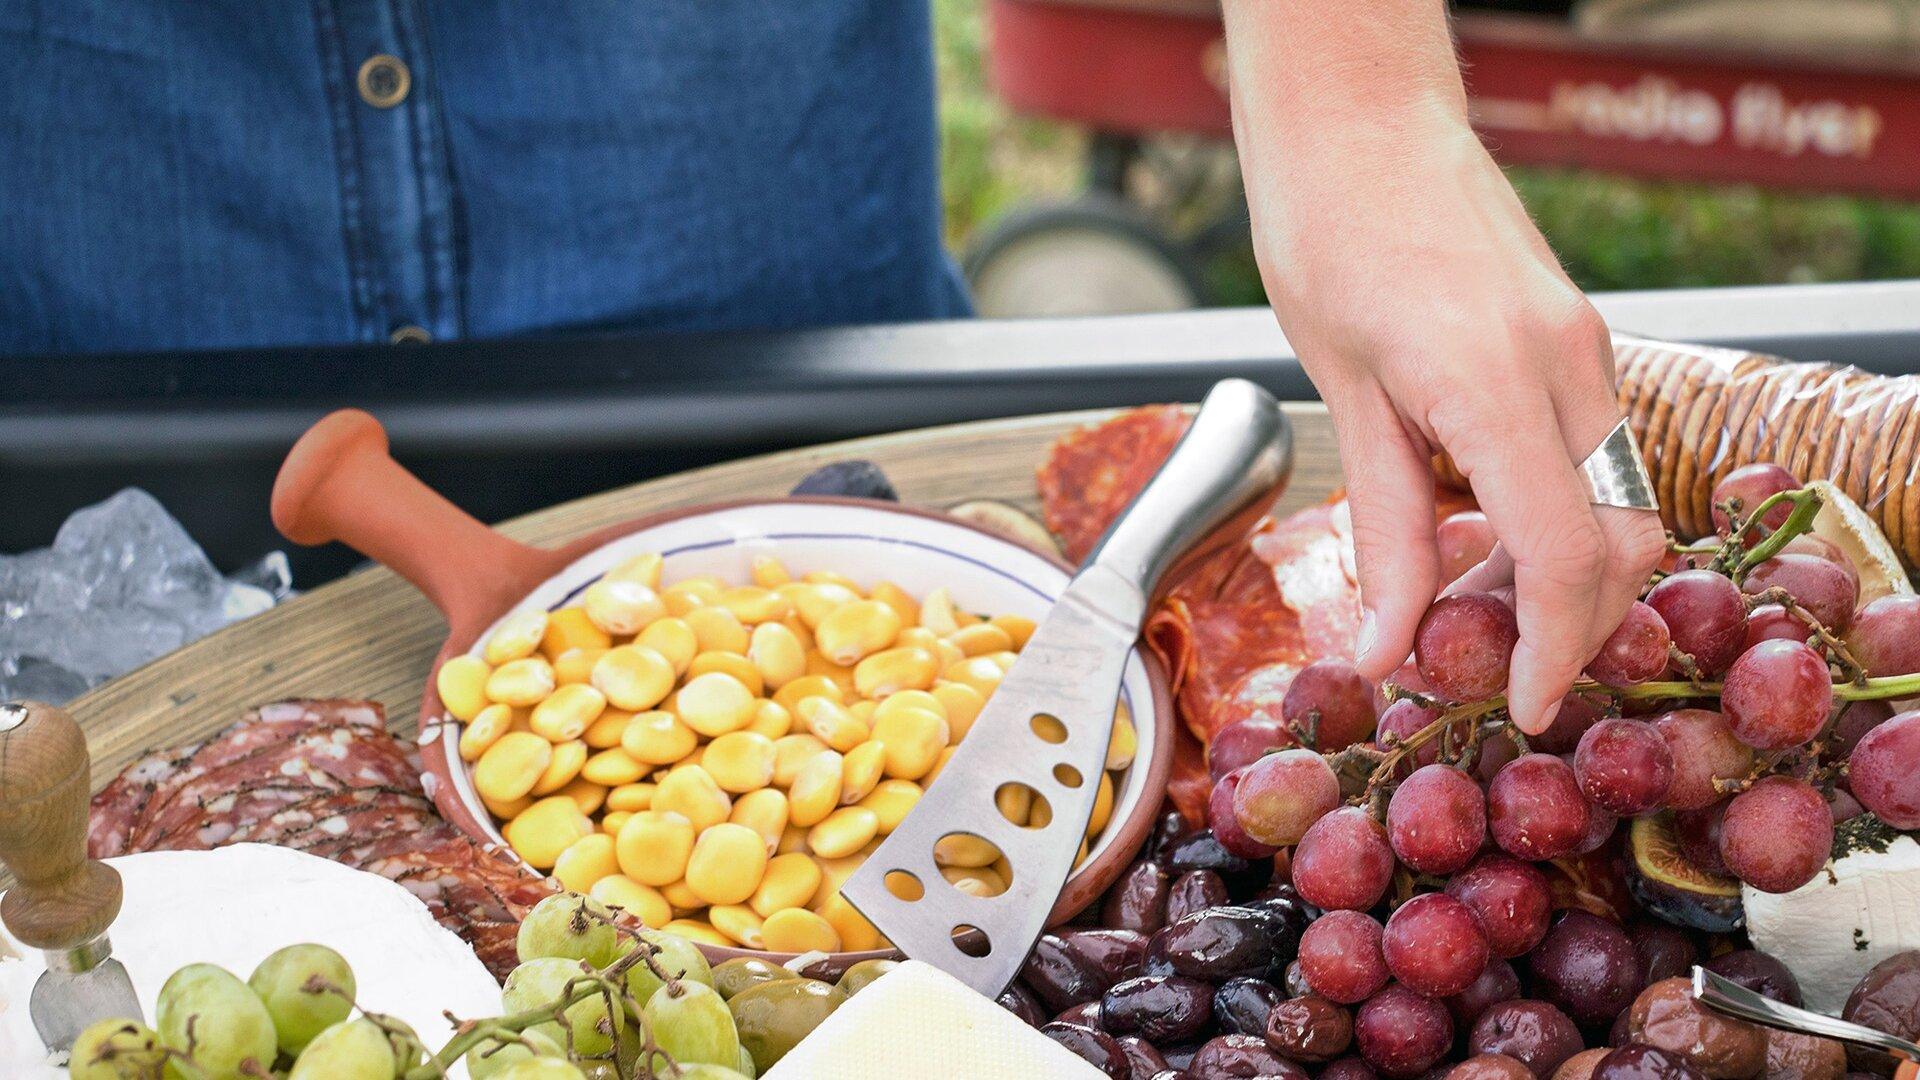 Ilustracja przedstawia zdjęcie osoby stojącej przy stole. Przedstawiona osoba ubrana jest wciemnoniebieską koszulę. Widać tylko fragment tułowia ilewą dłoń zpierścionkiem na środkowym palcu. Dłoń sięga po leżące na stole czerwone winogrono. Na stole leżą inne produkty żywnościowe oróżnej kaloryczności: białe winogrono, daktyle, zapakowane wfolię ciastka, pokrojona wplastry wędlina oraz żółte ziarna (prawdopodobnie fasola).